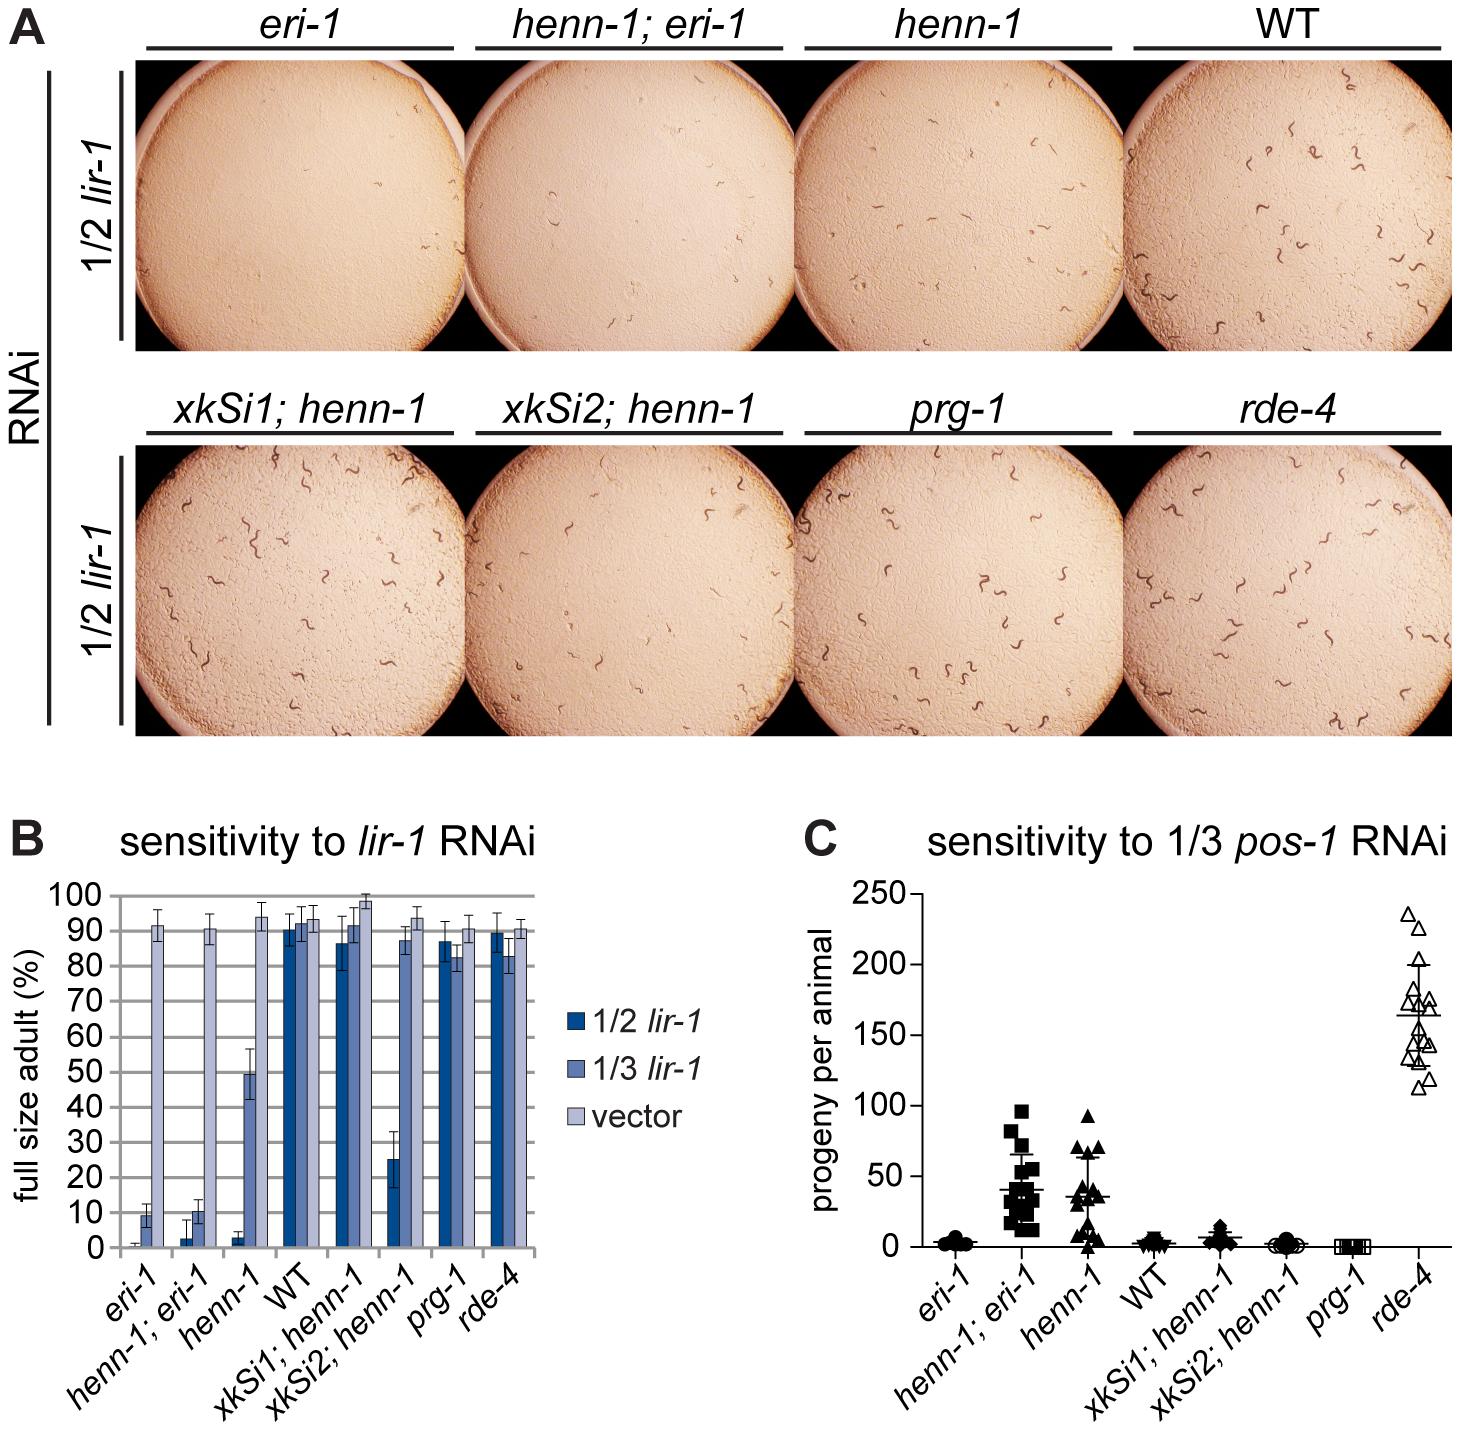 The <i>henn-1</i> Mutant Exhibits Opposite RNAi Sensitivity Phenotypes in Soma and Germline.